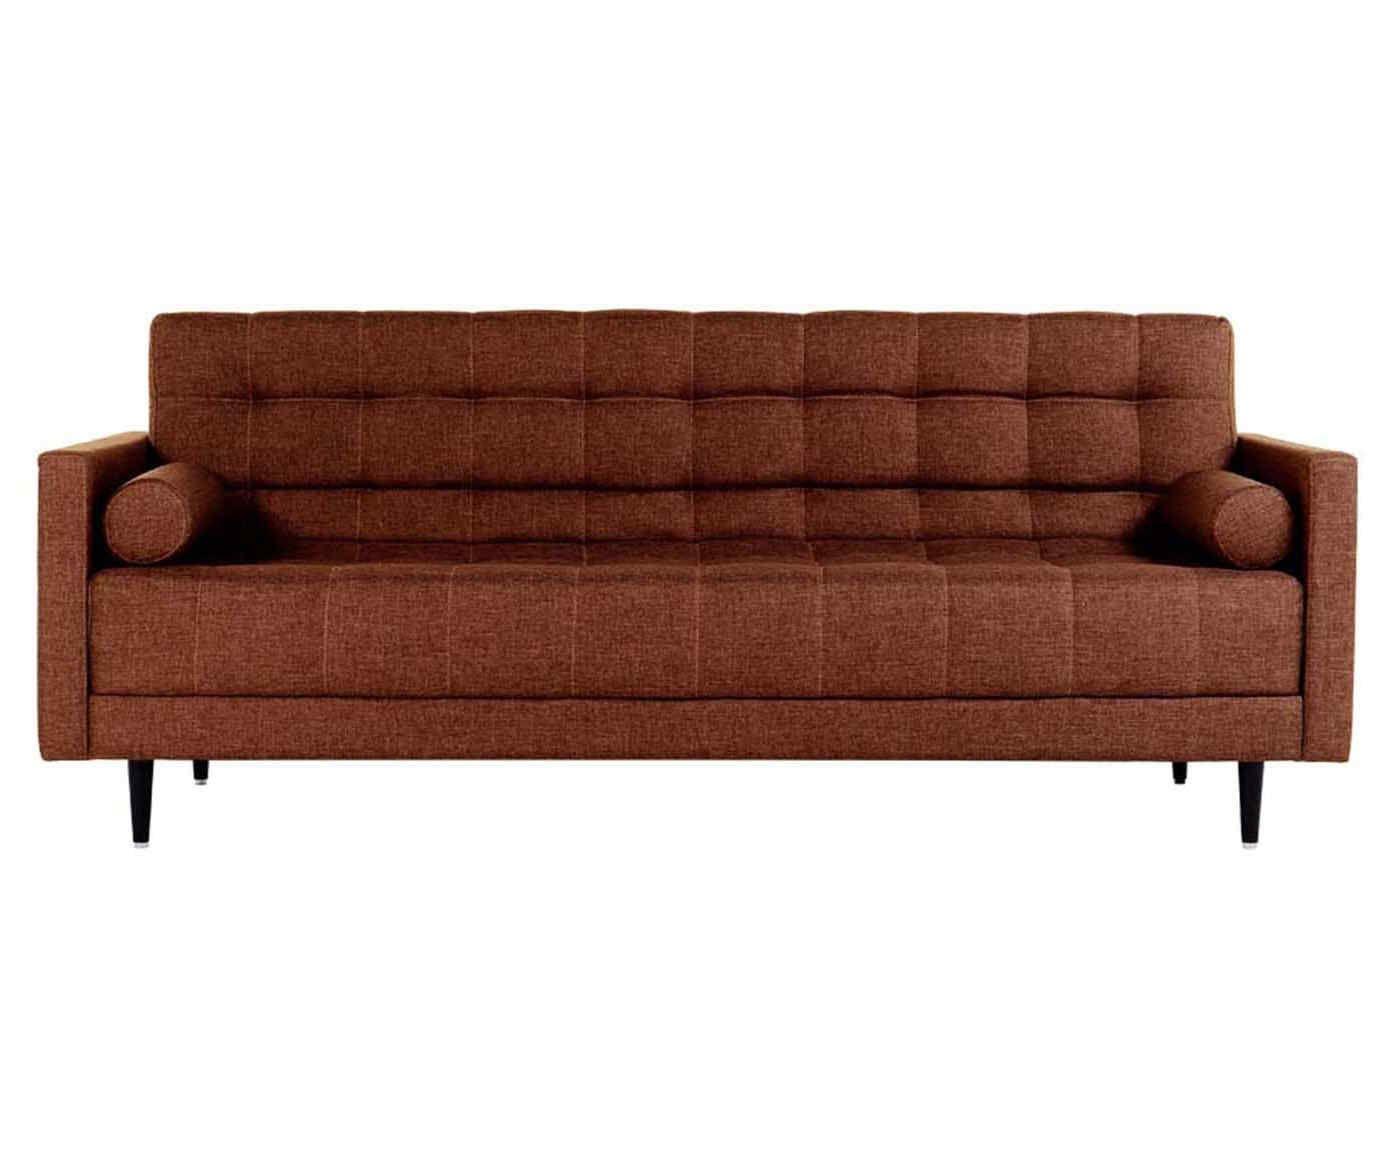 Sofá-cama viena linho - canela | Westwing.com.br